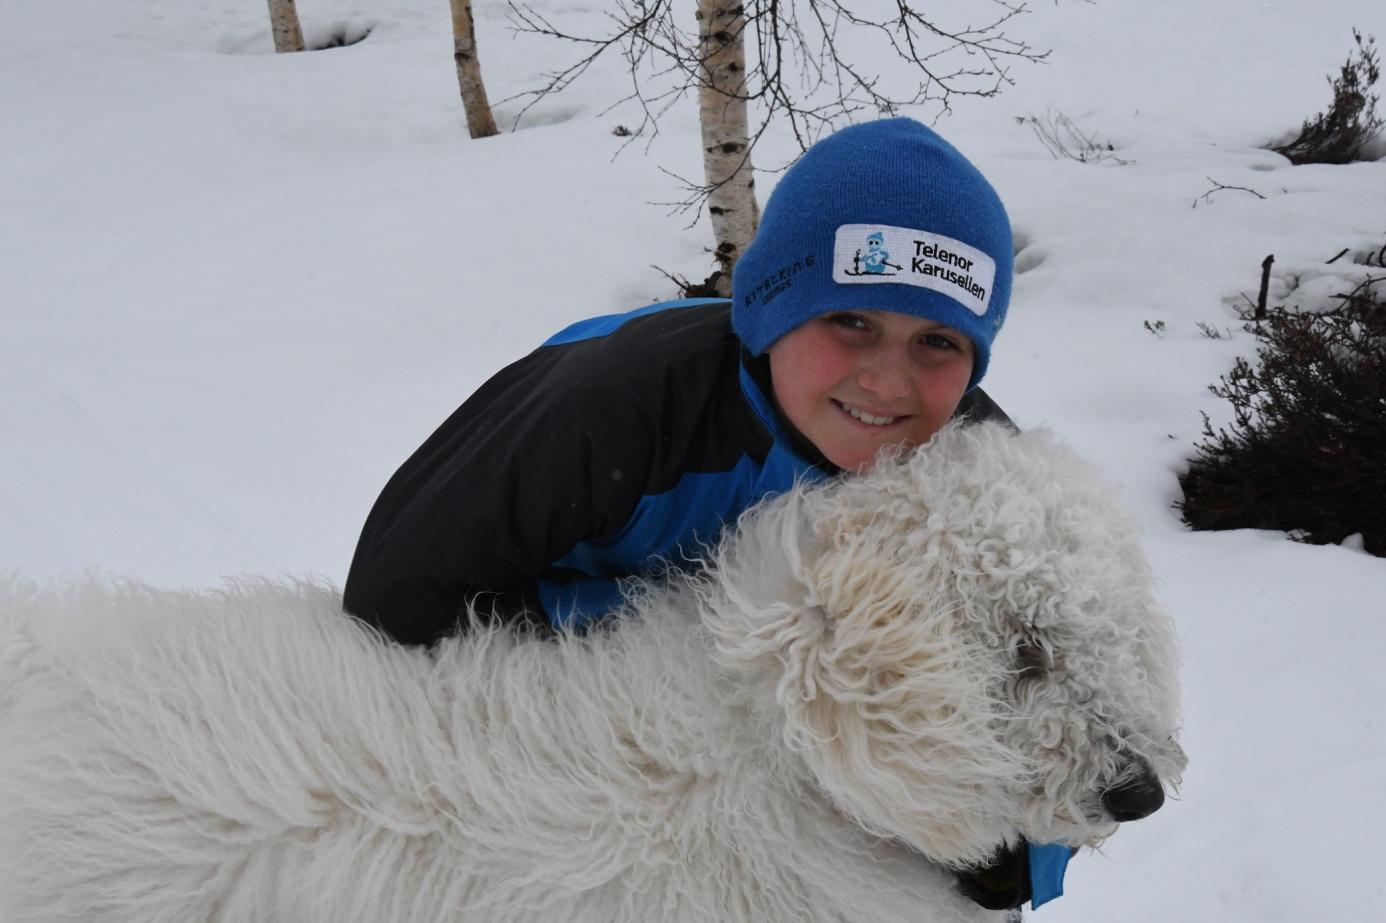 Et bilde som inneholder utendørs, snø, person, pattedyr  Automatisk generert beskrivelse